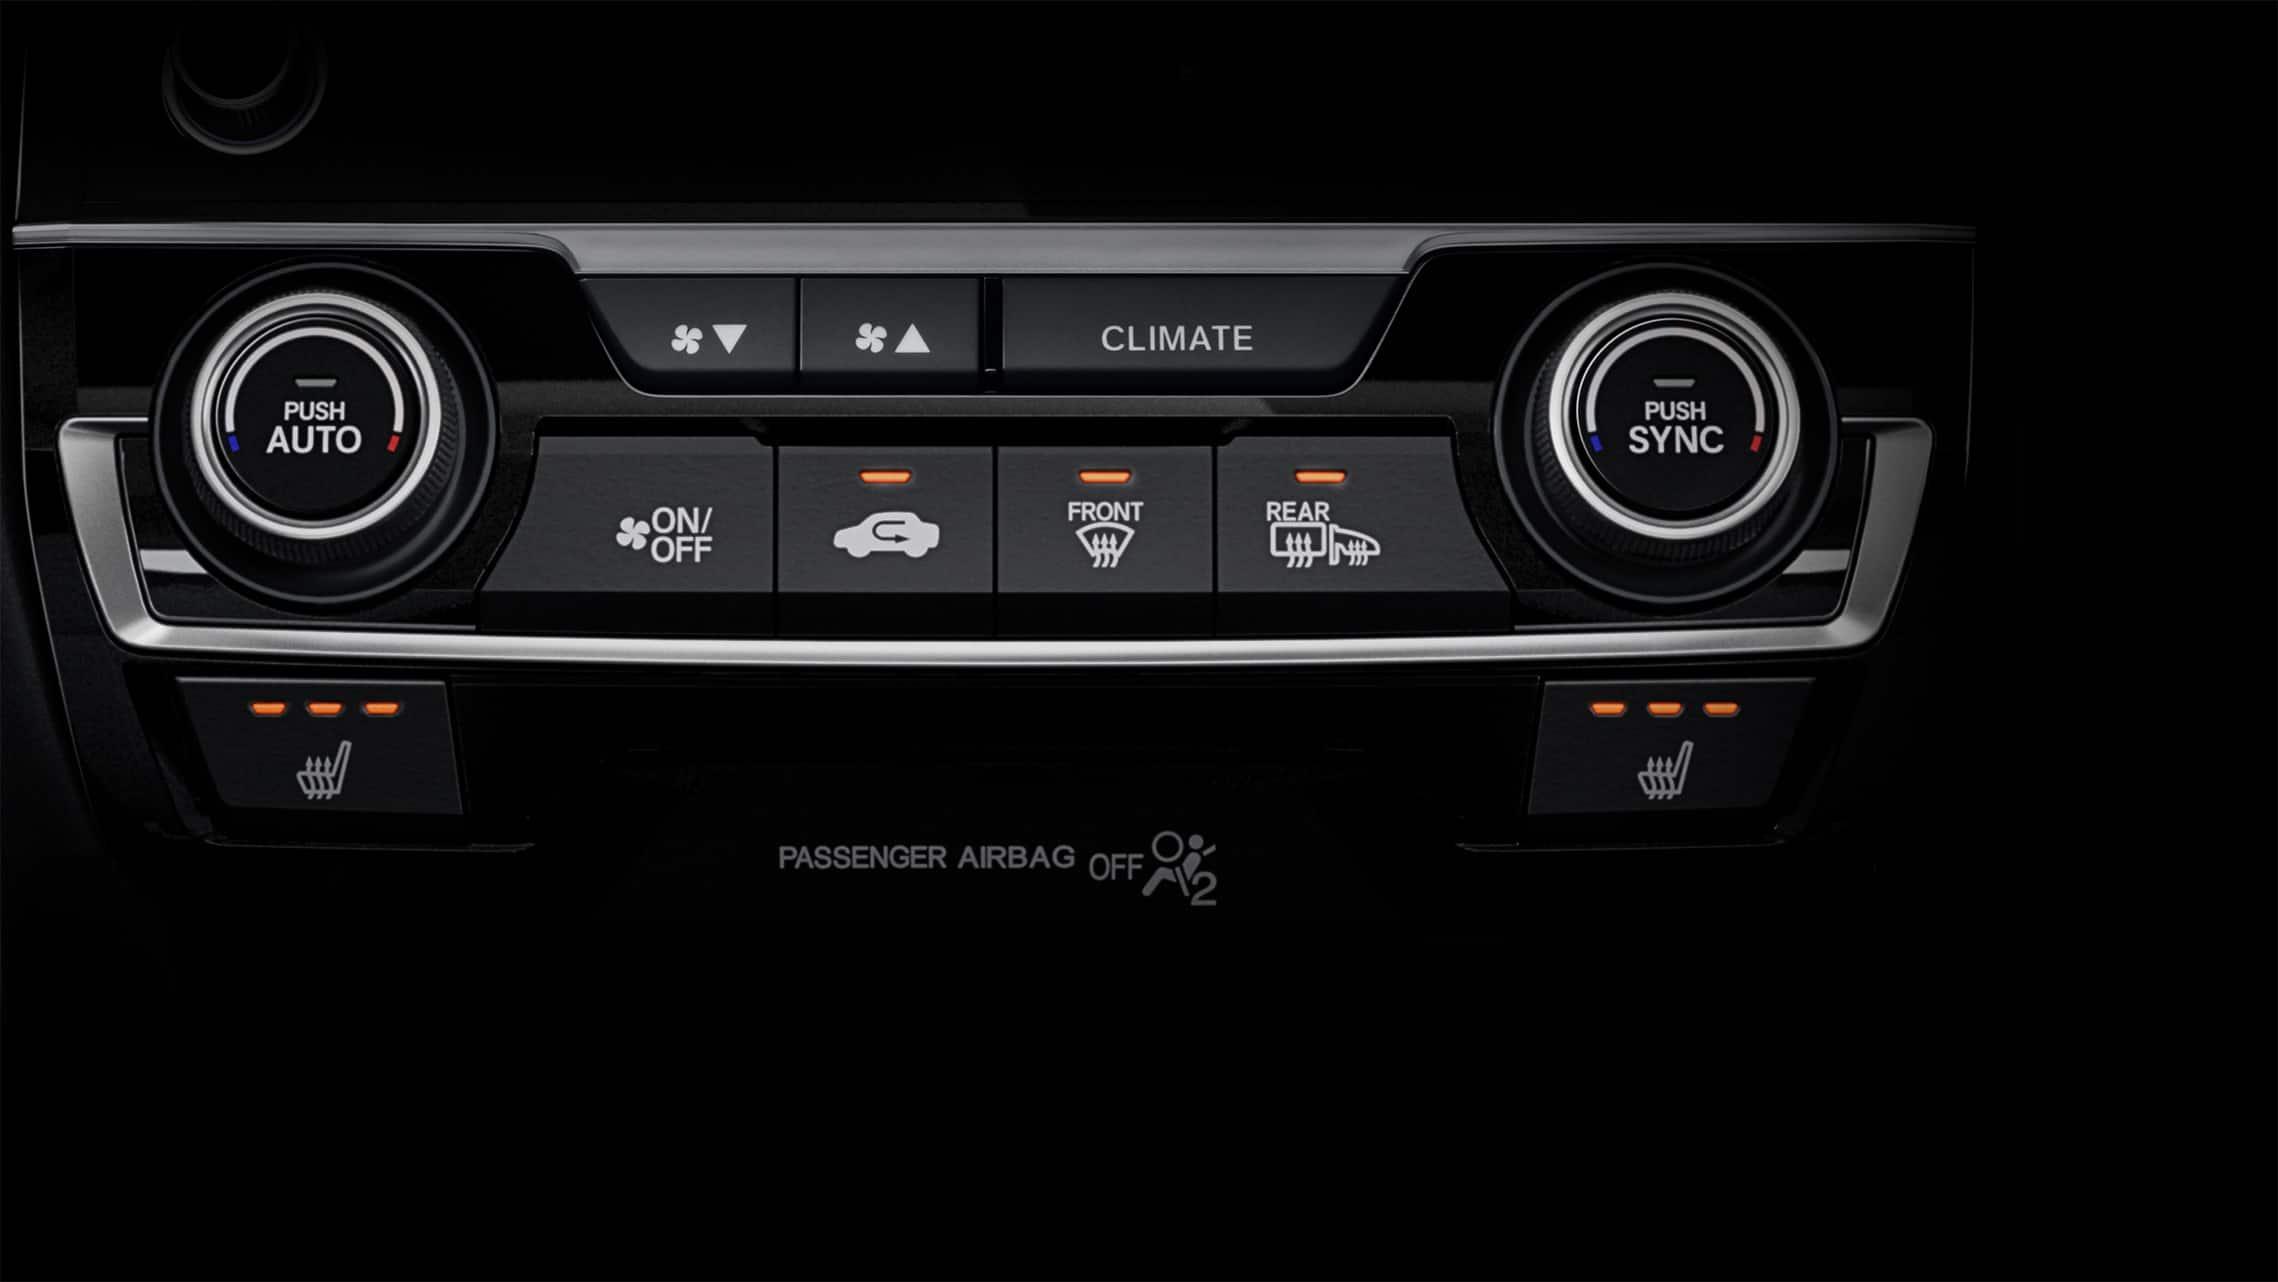 Detalle de controles de asientos calefaccionados en el Honda Civic Sport Touring Hatchback2021.